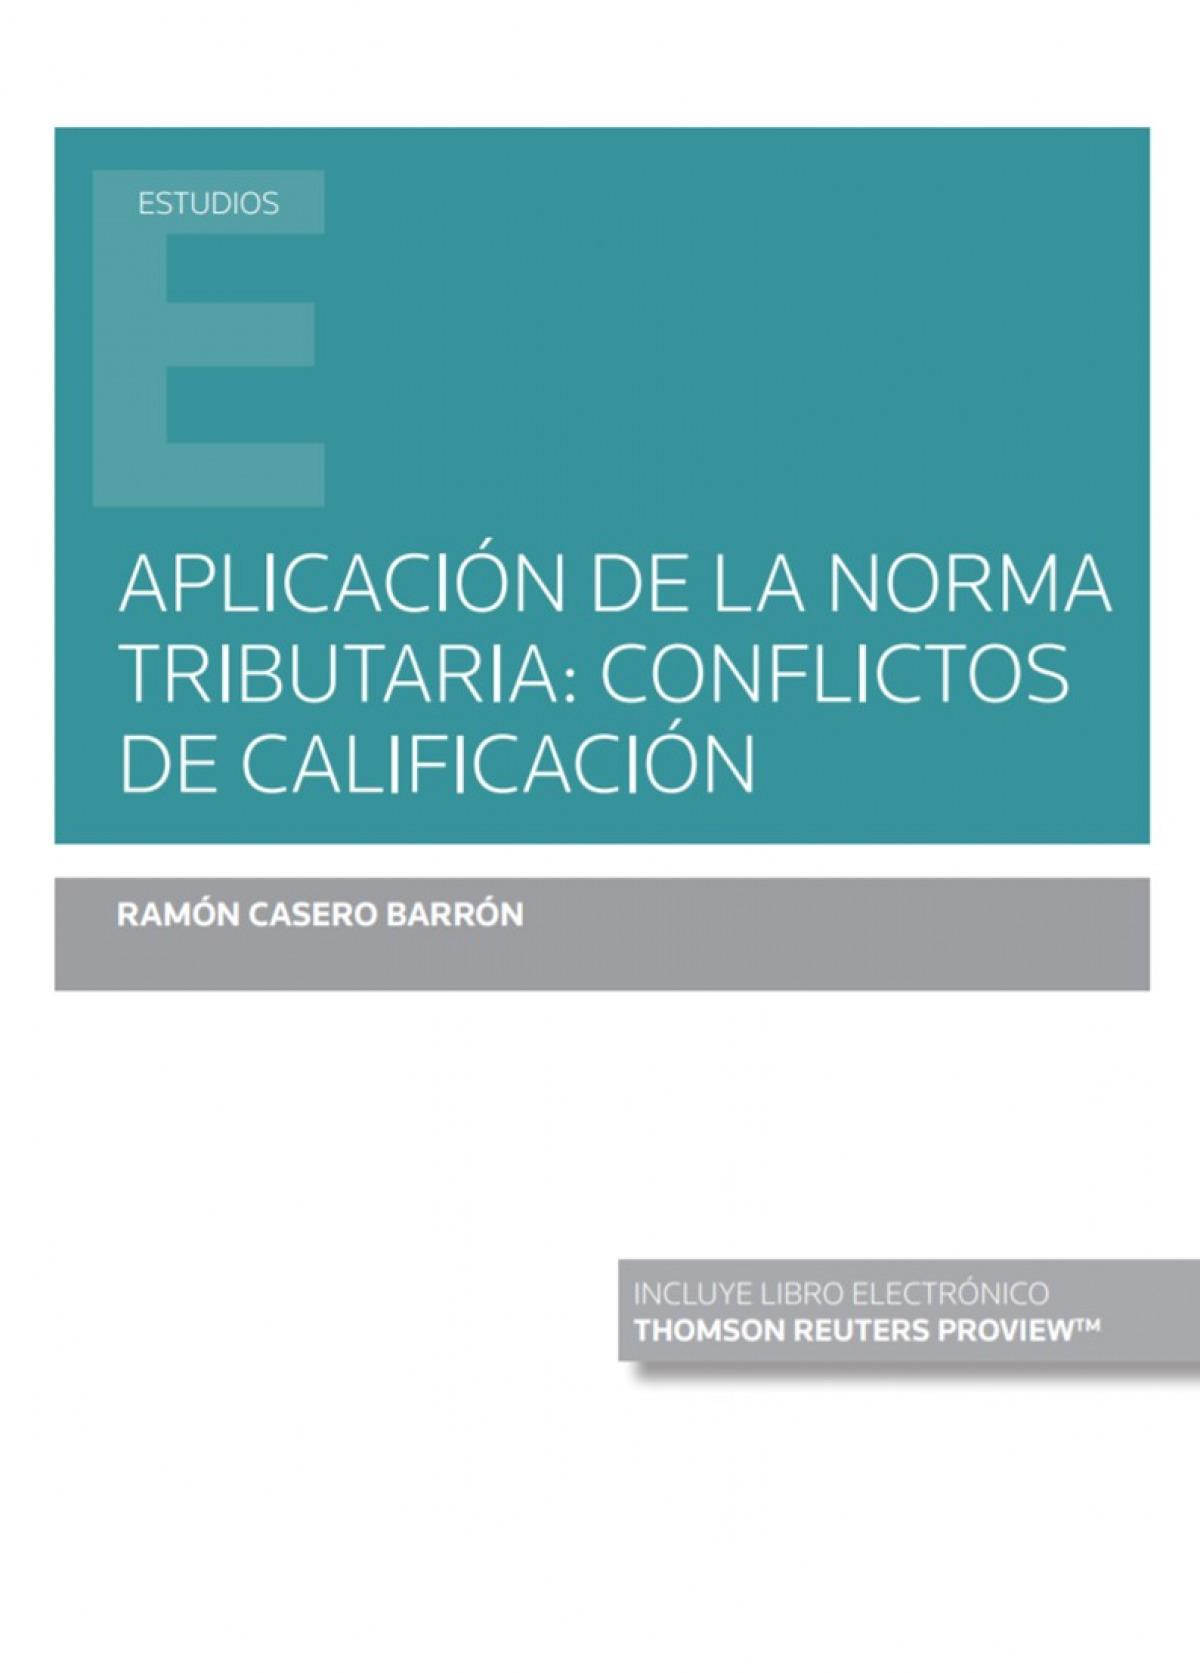 Aplicación de la norma tributaria: conflictos de calificación (Papel + e-book)